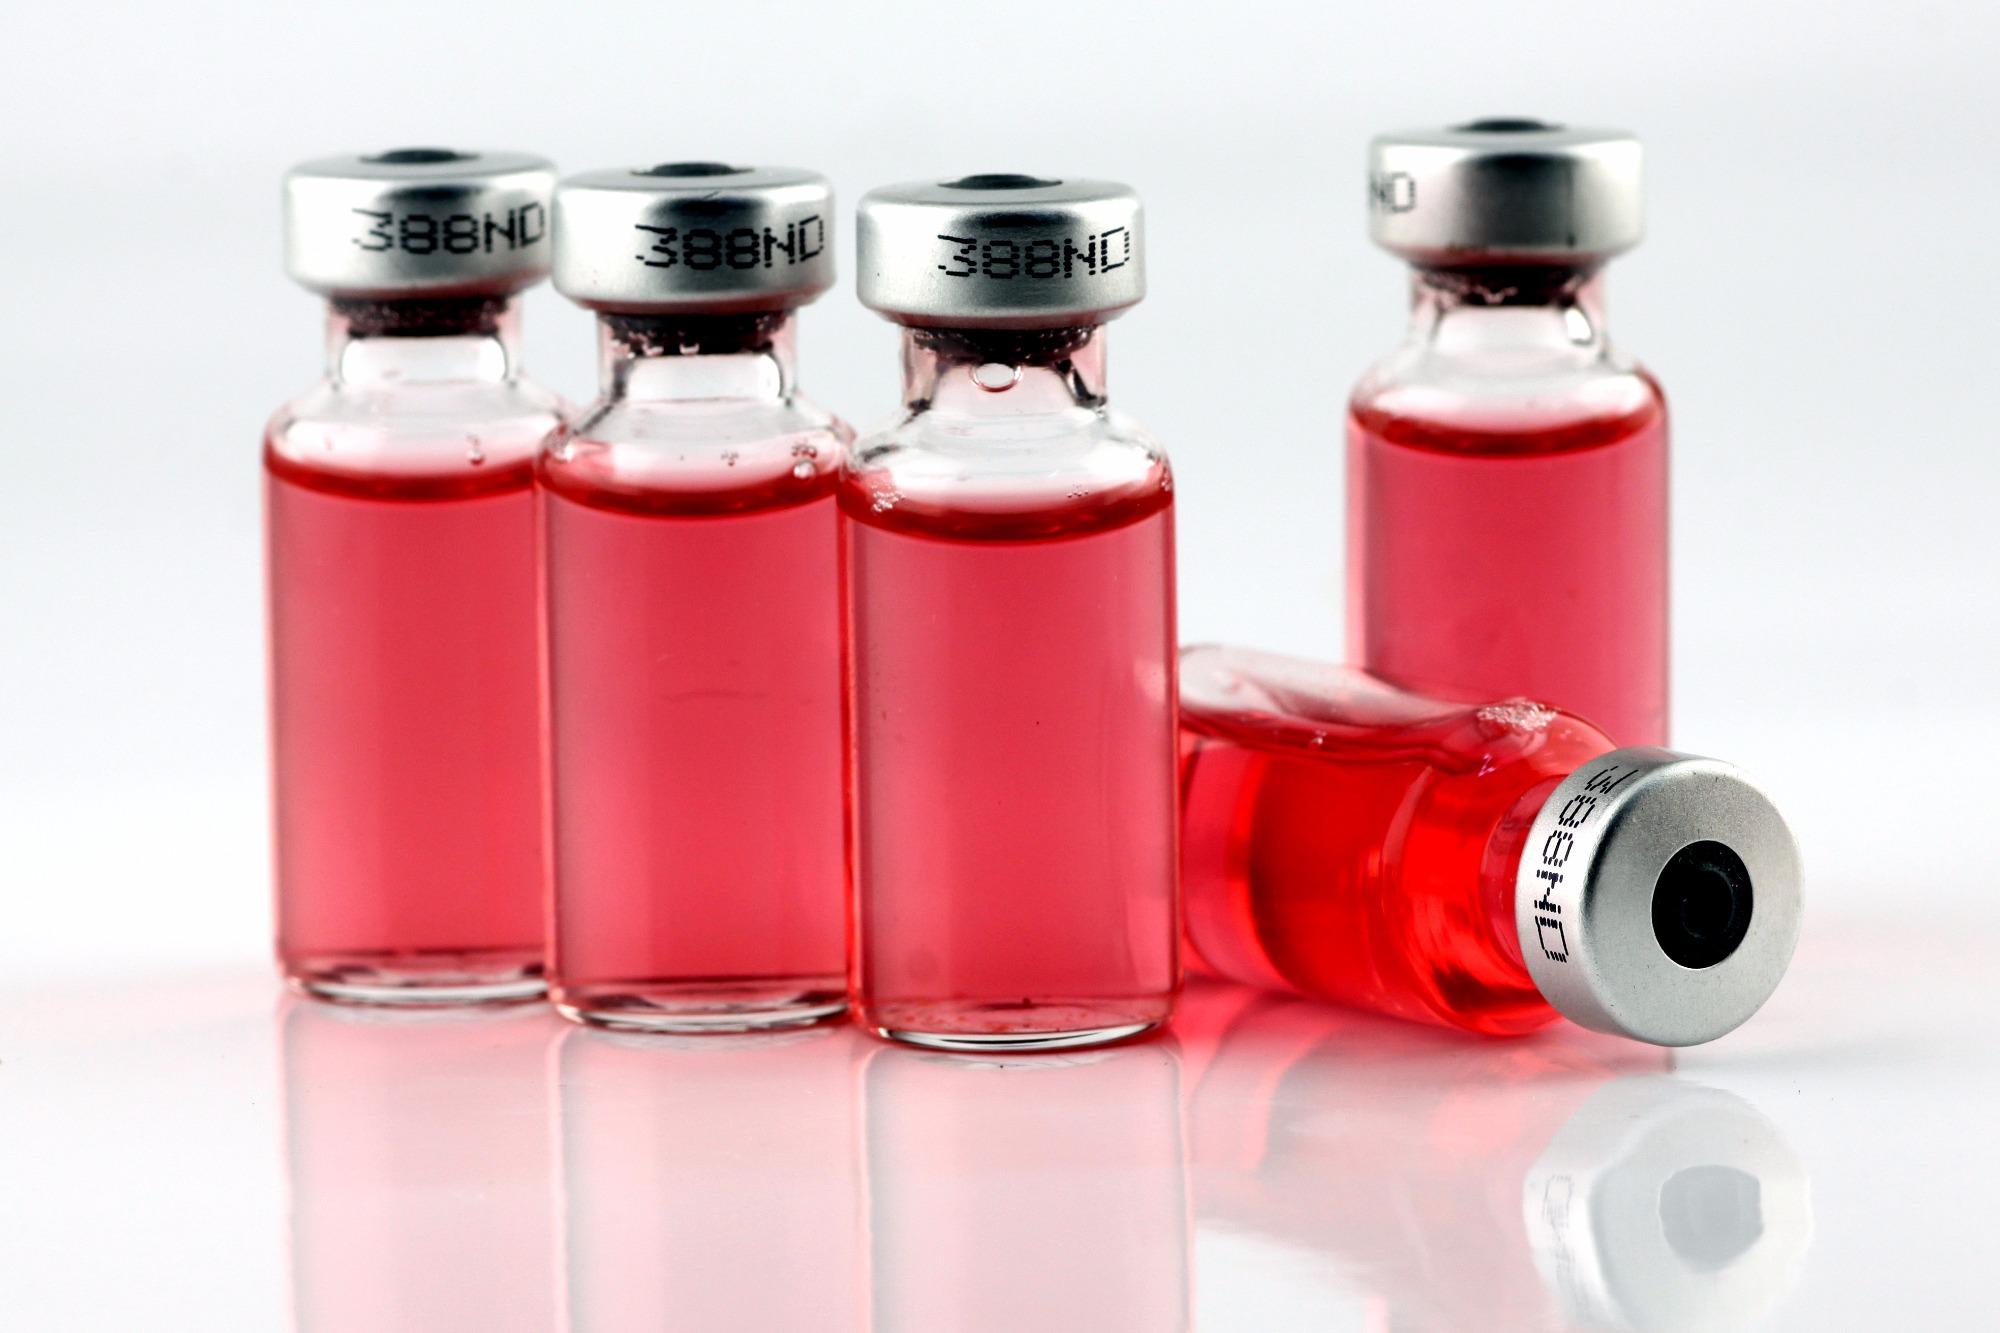 Espanha reduz em vendas de antibióticos veterinários em 32,4%